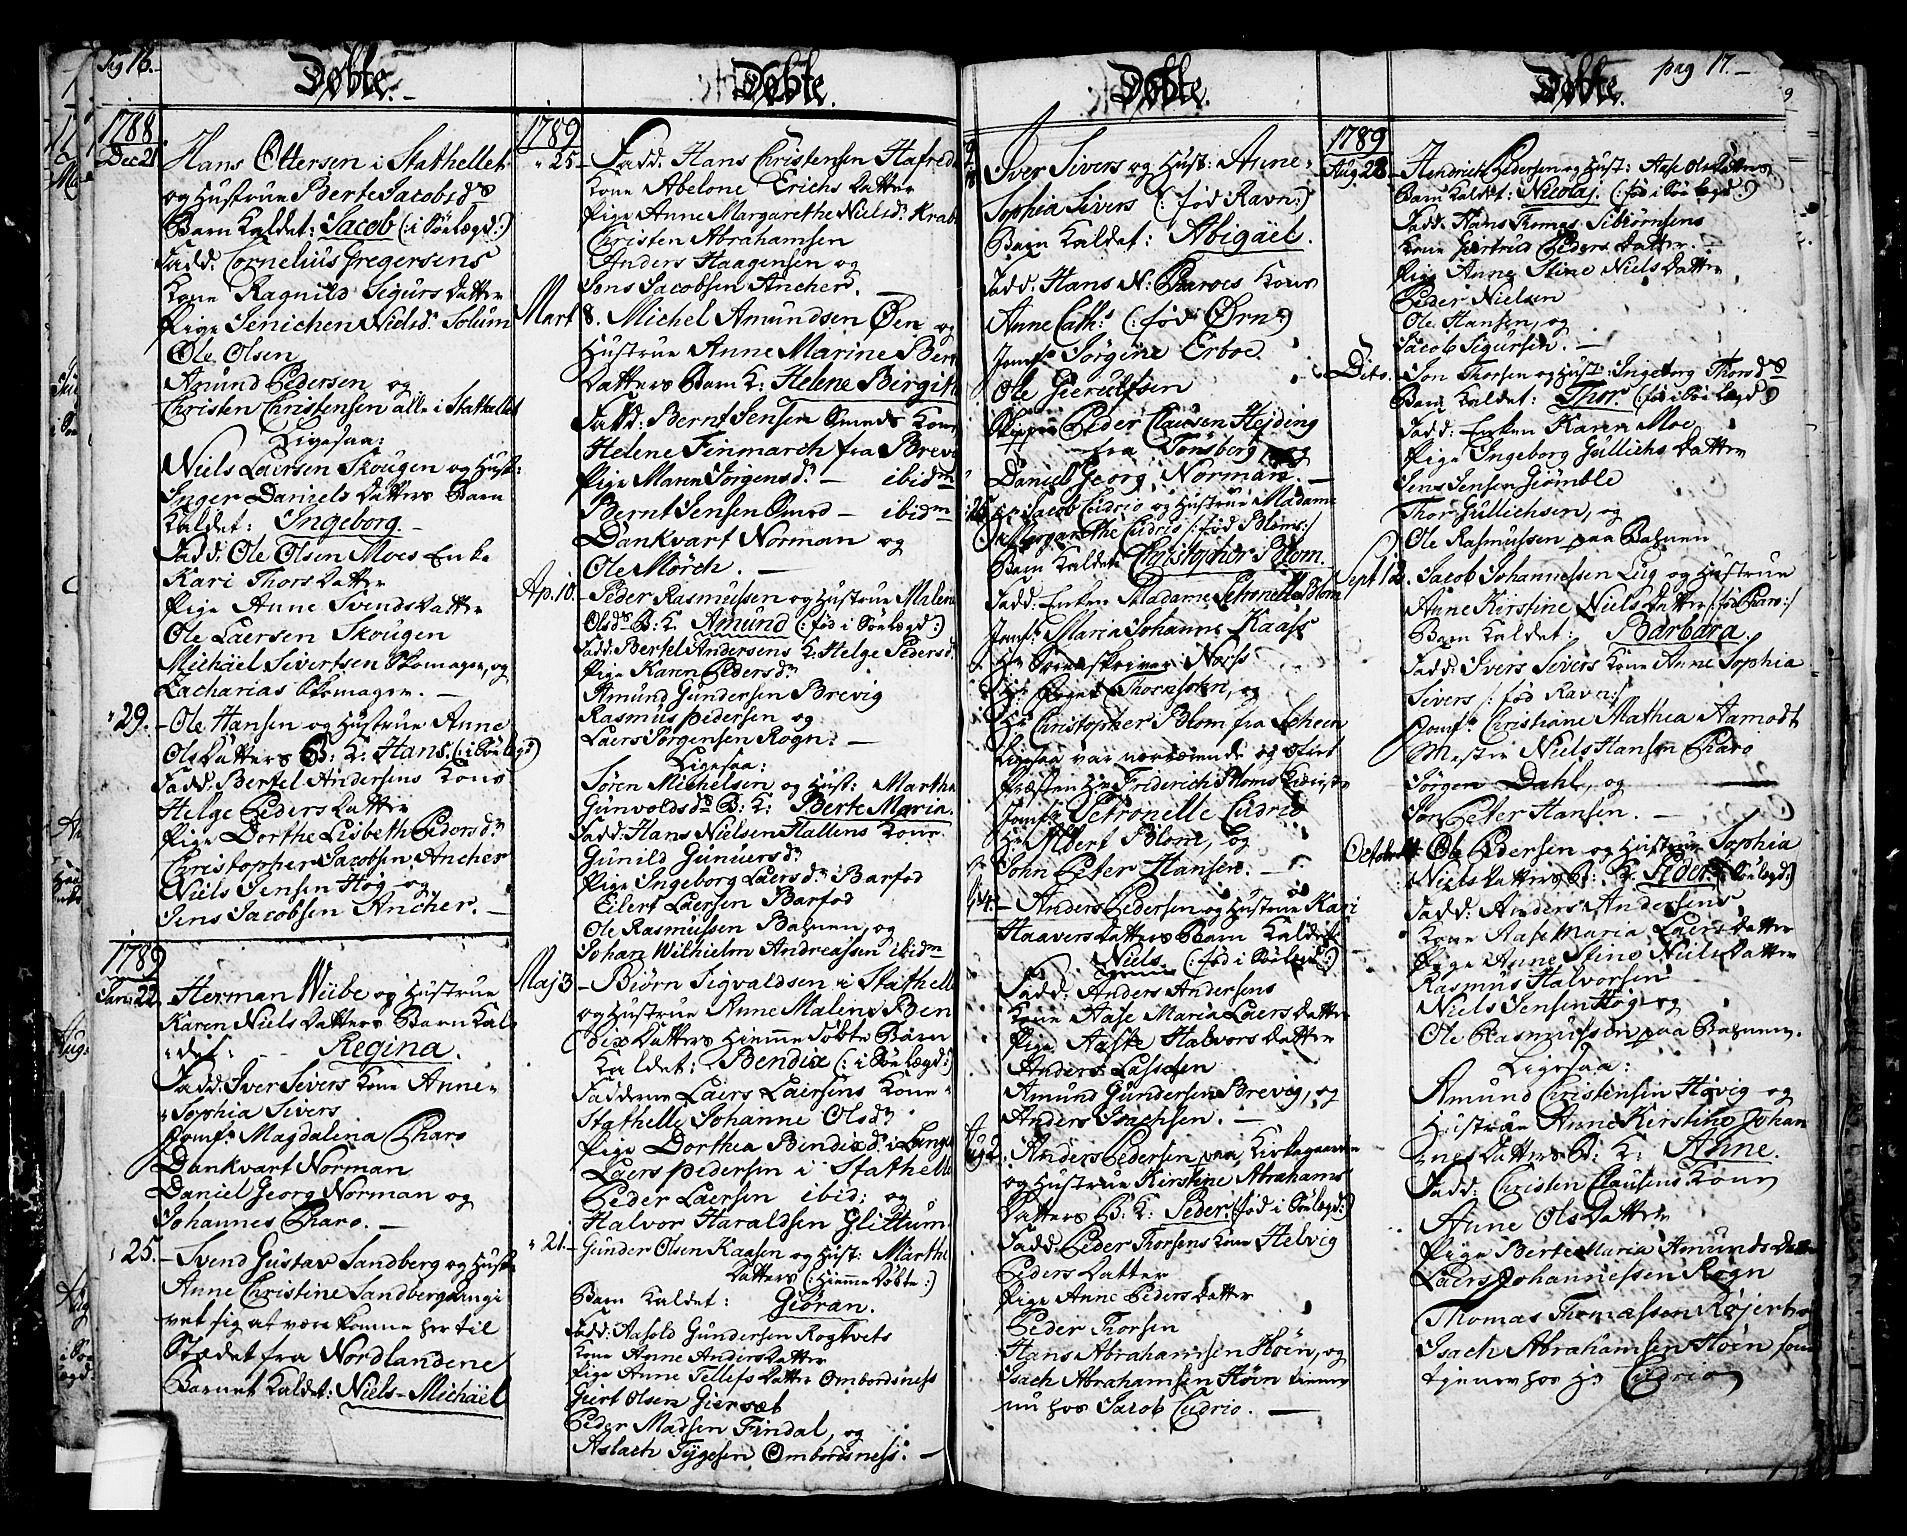 SAKO, Langesund kirkebøker, G/Ga/L0001: Klokkerbok nr. 1, 1783-1801, s. 16-17